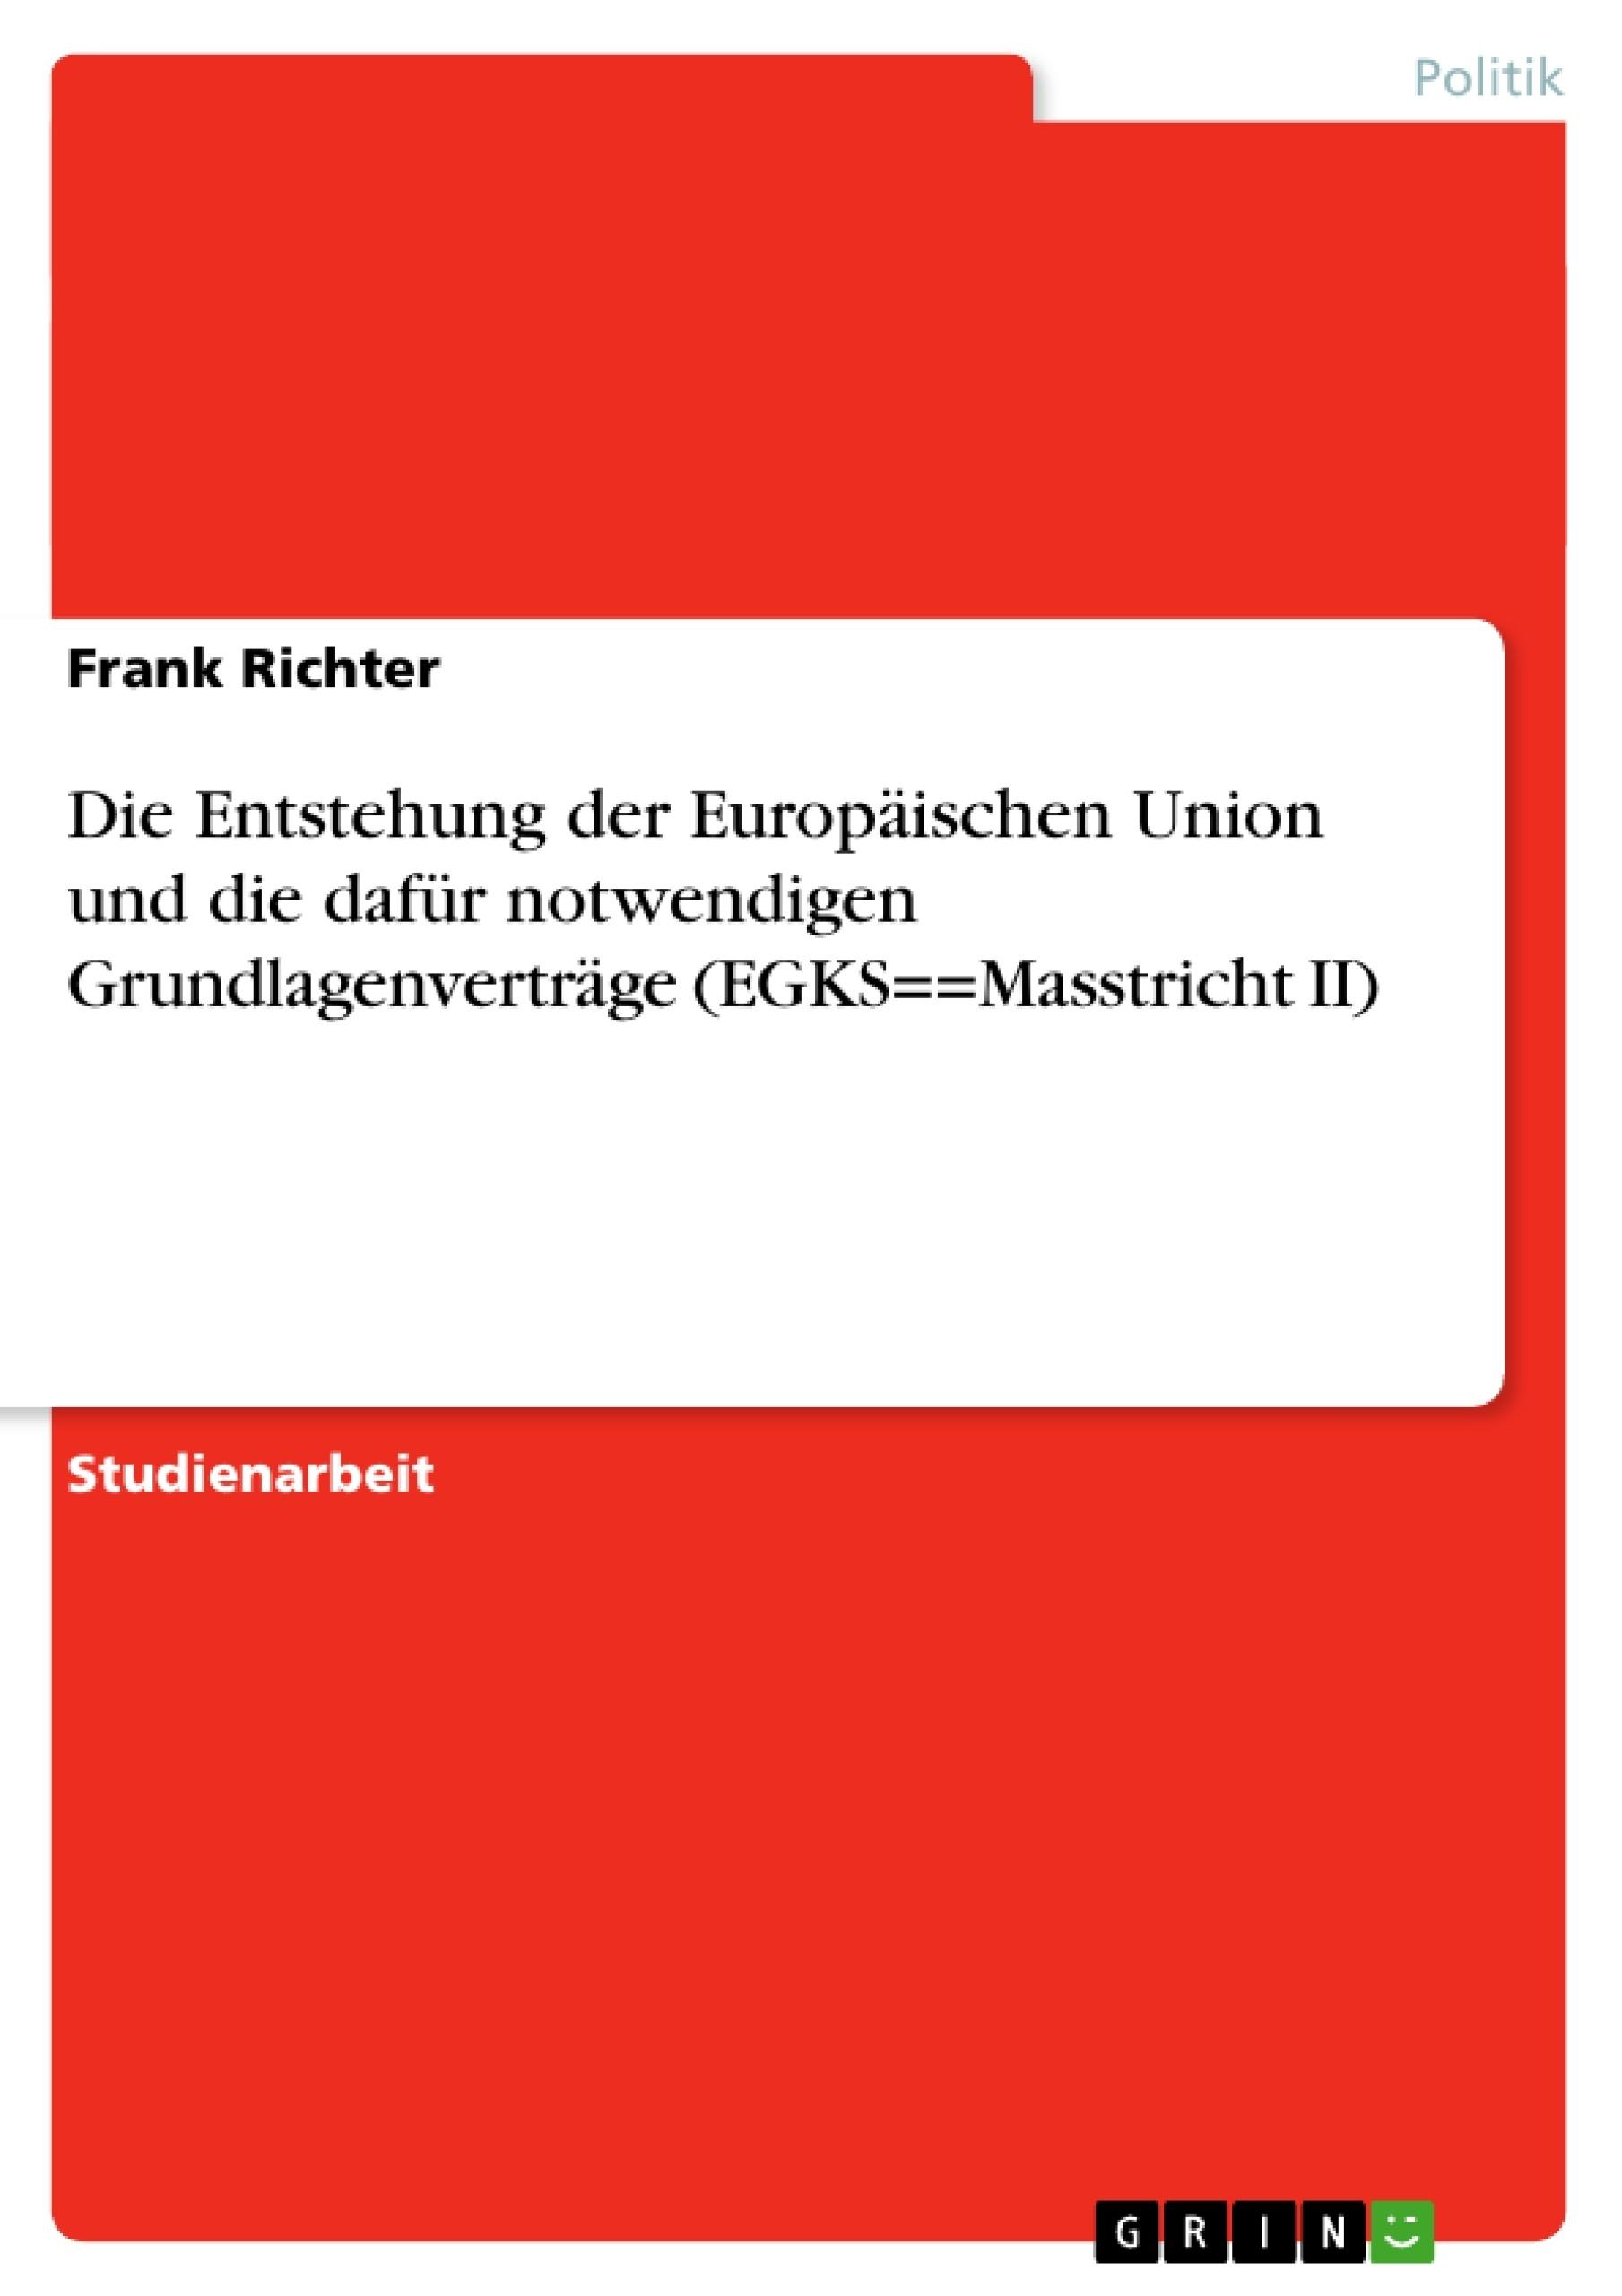 Titel: Die Entstehung der Europäischen Union und die dafür notwendigen Grundlagenverträge (EGKS==Masstricht II)